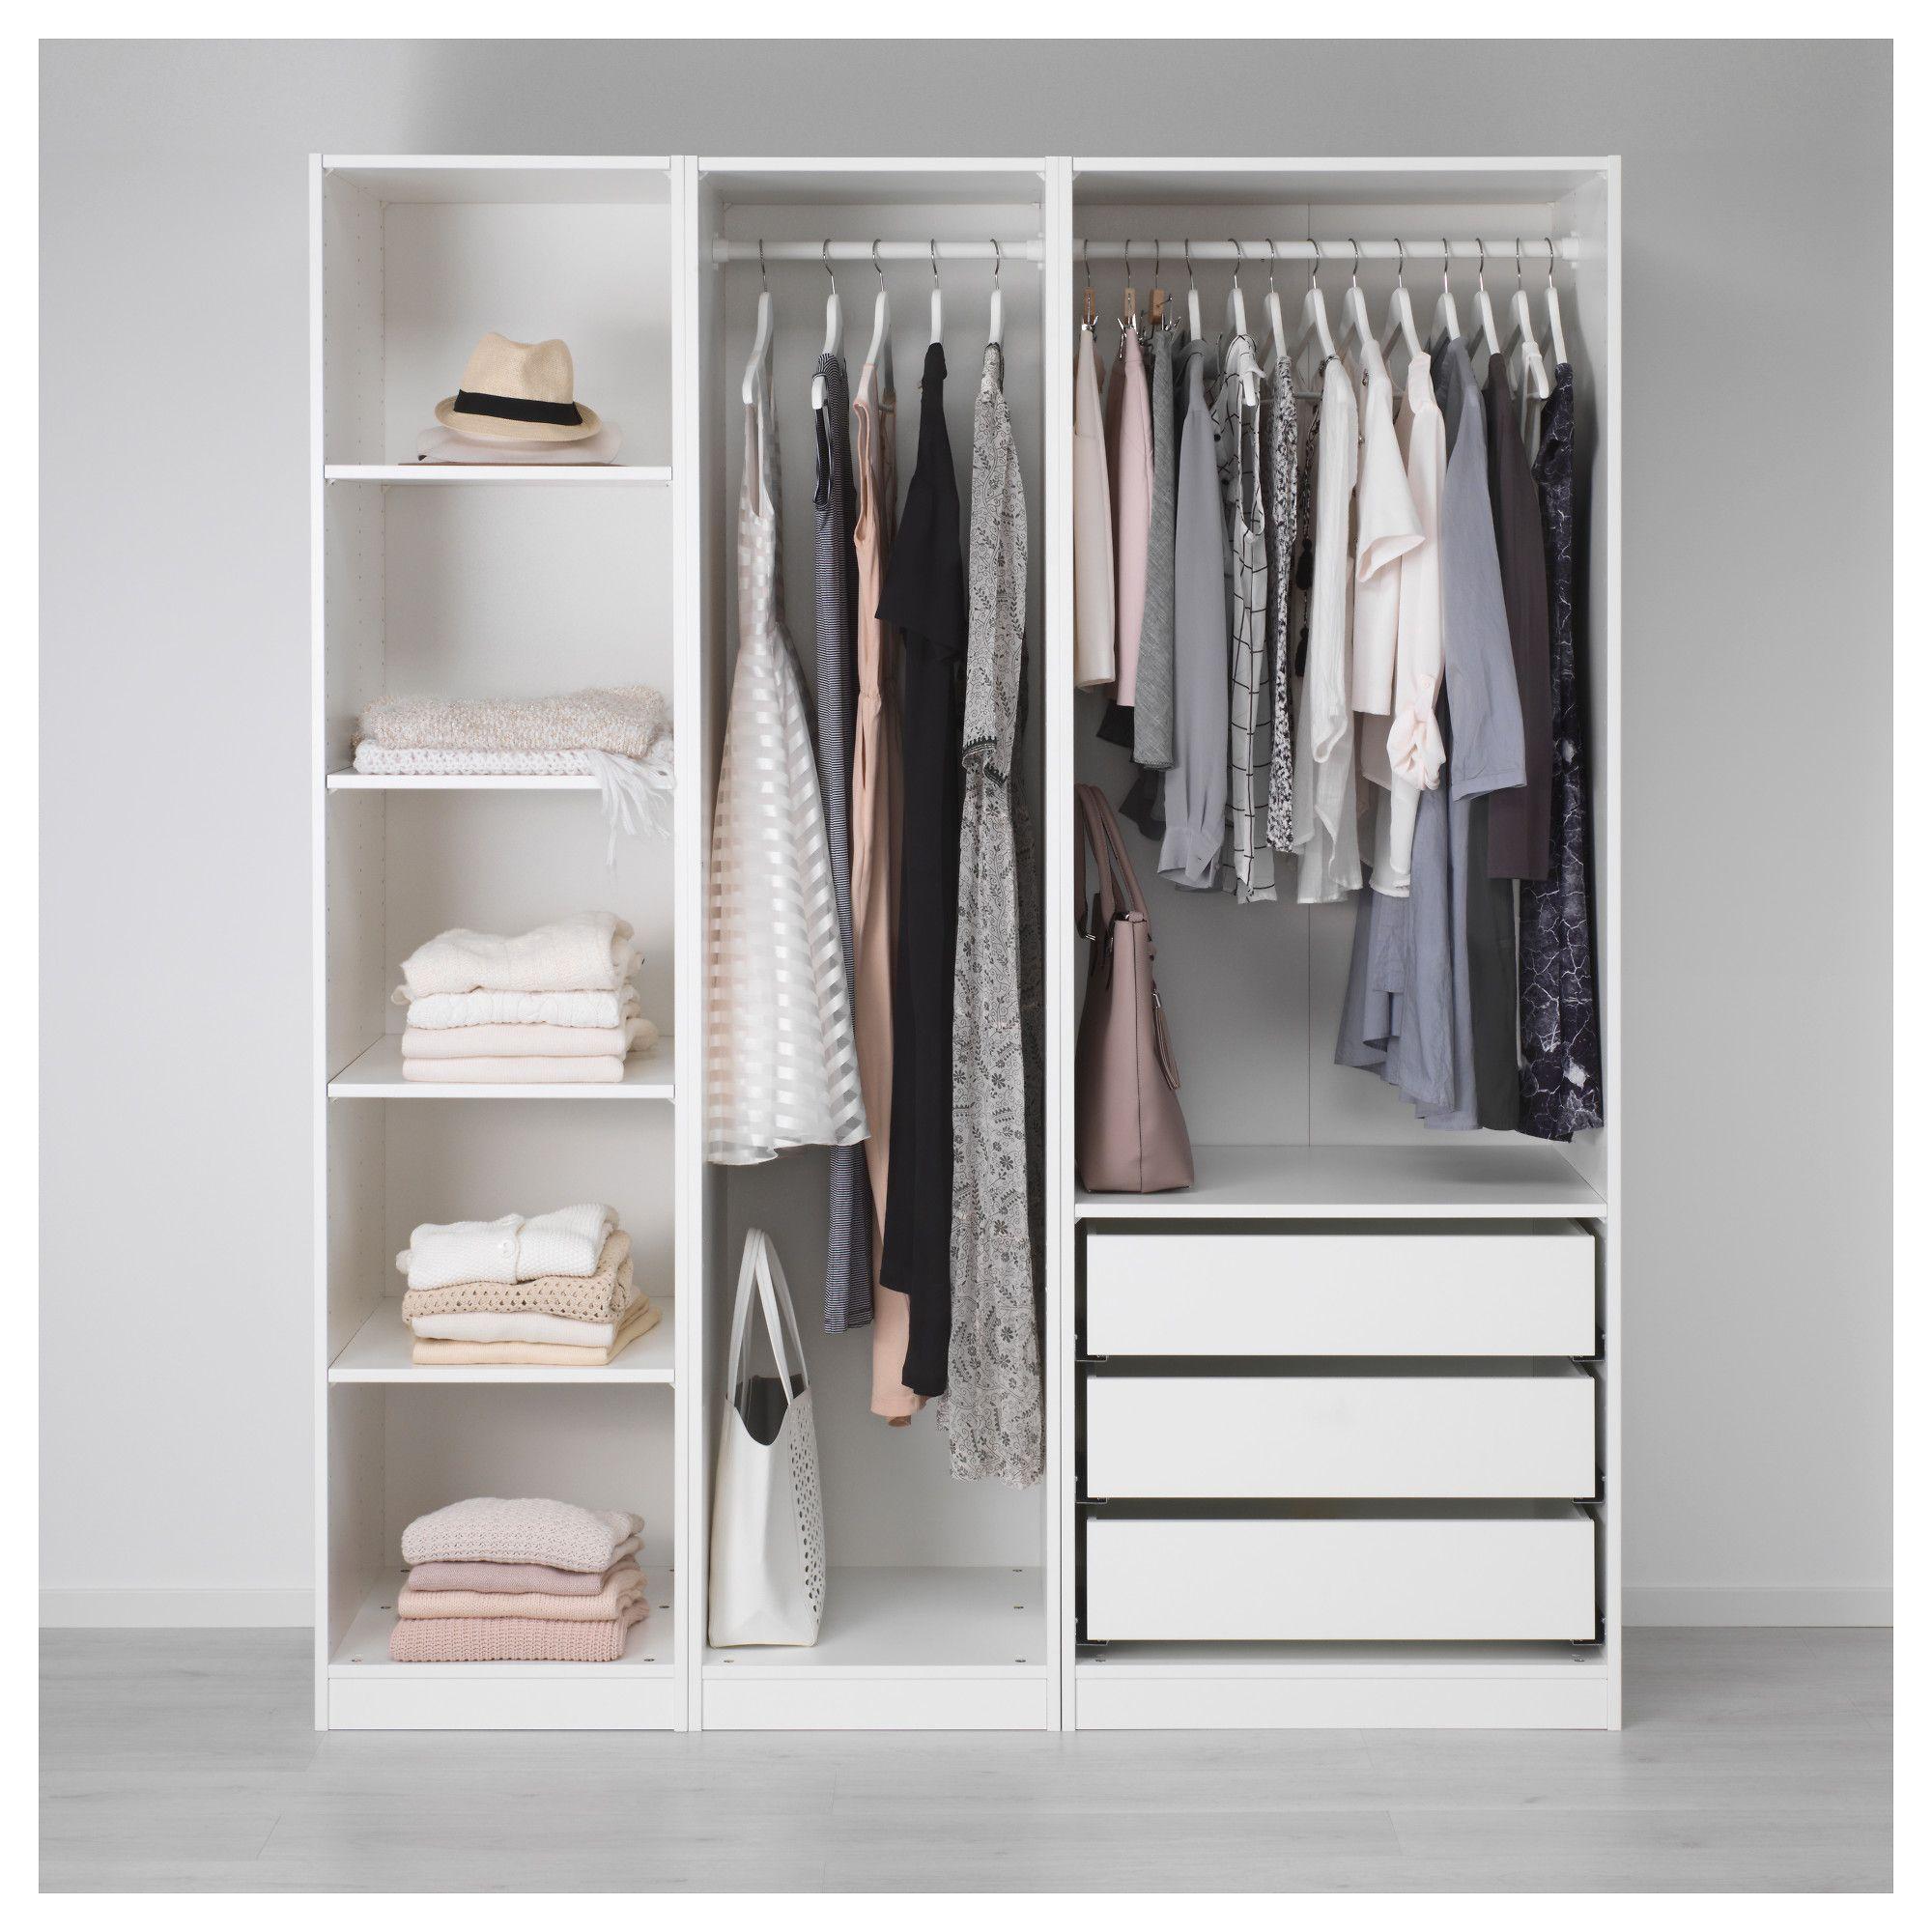 PAX Kleiderschrank, weiß | Ikea pax, Ikea pax wardrobe and Pax ...